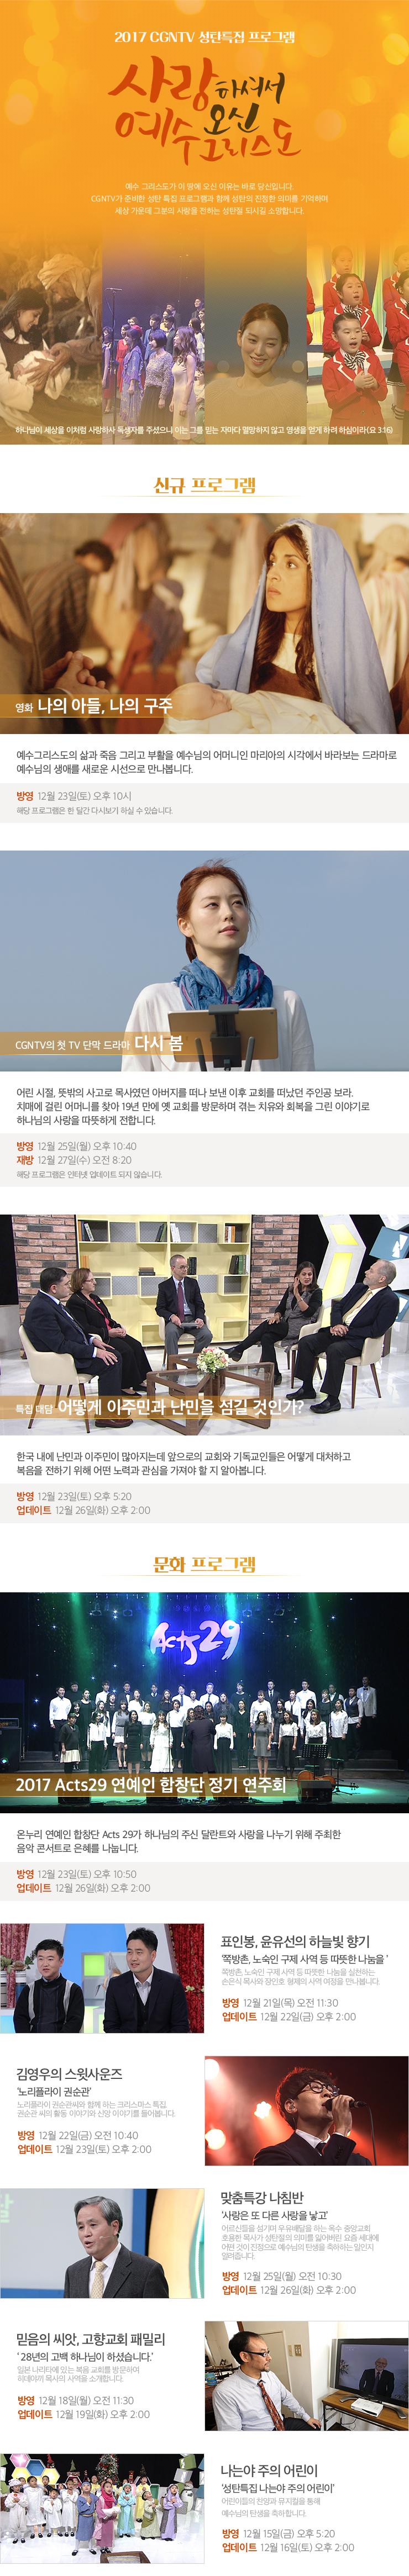 2017년 성탄특집 프로그램 안내